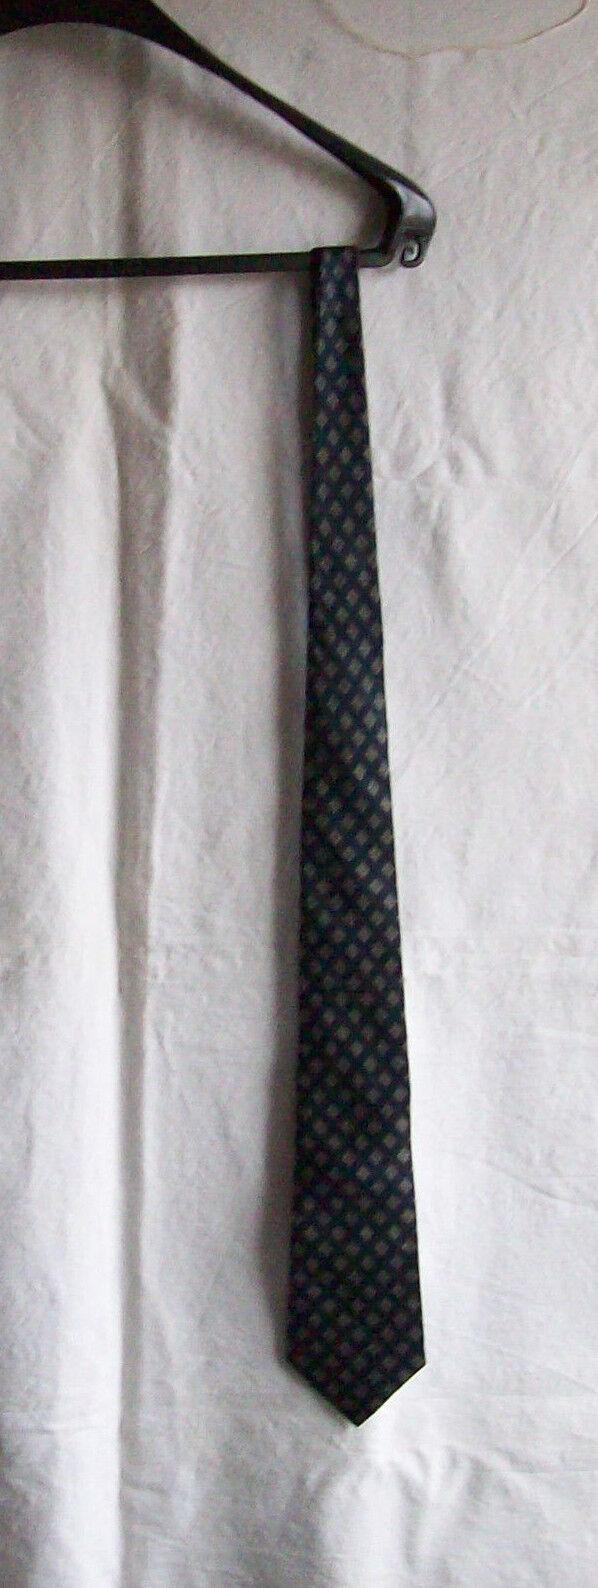 Mens Tie, schlipps, Binder, Hernry Morell, Pure Silk, 140 cm x 3,5 - 9 cm,